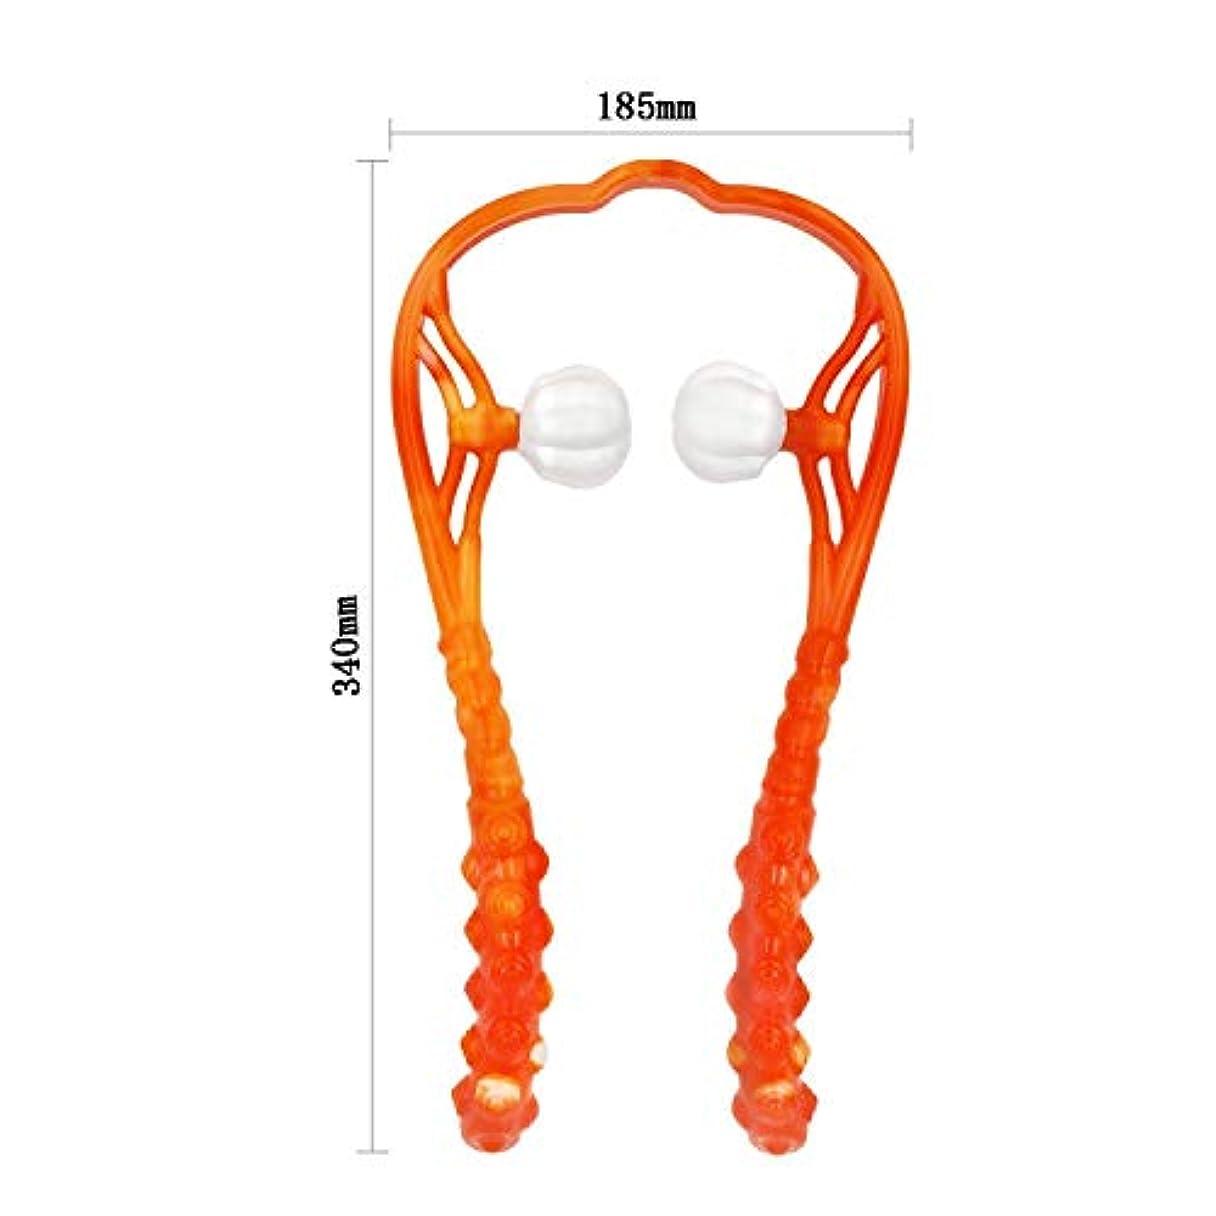 有害アナロジーチューブSimg ネック マッサージャー 首マッサージ器 肩 首 腰 足 凝り用 簡易マッサージローラー リンパマッサージ つぼ押し